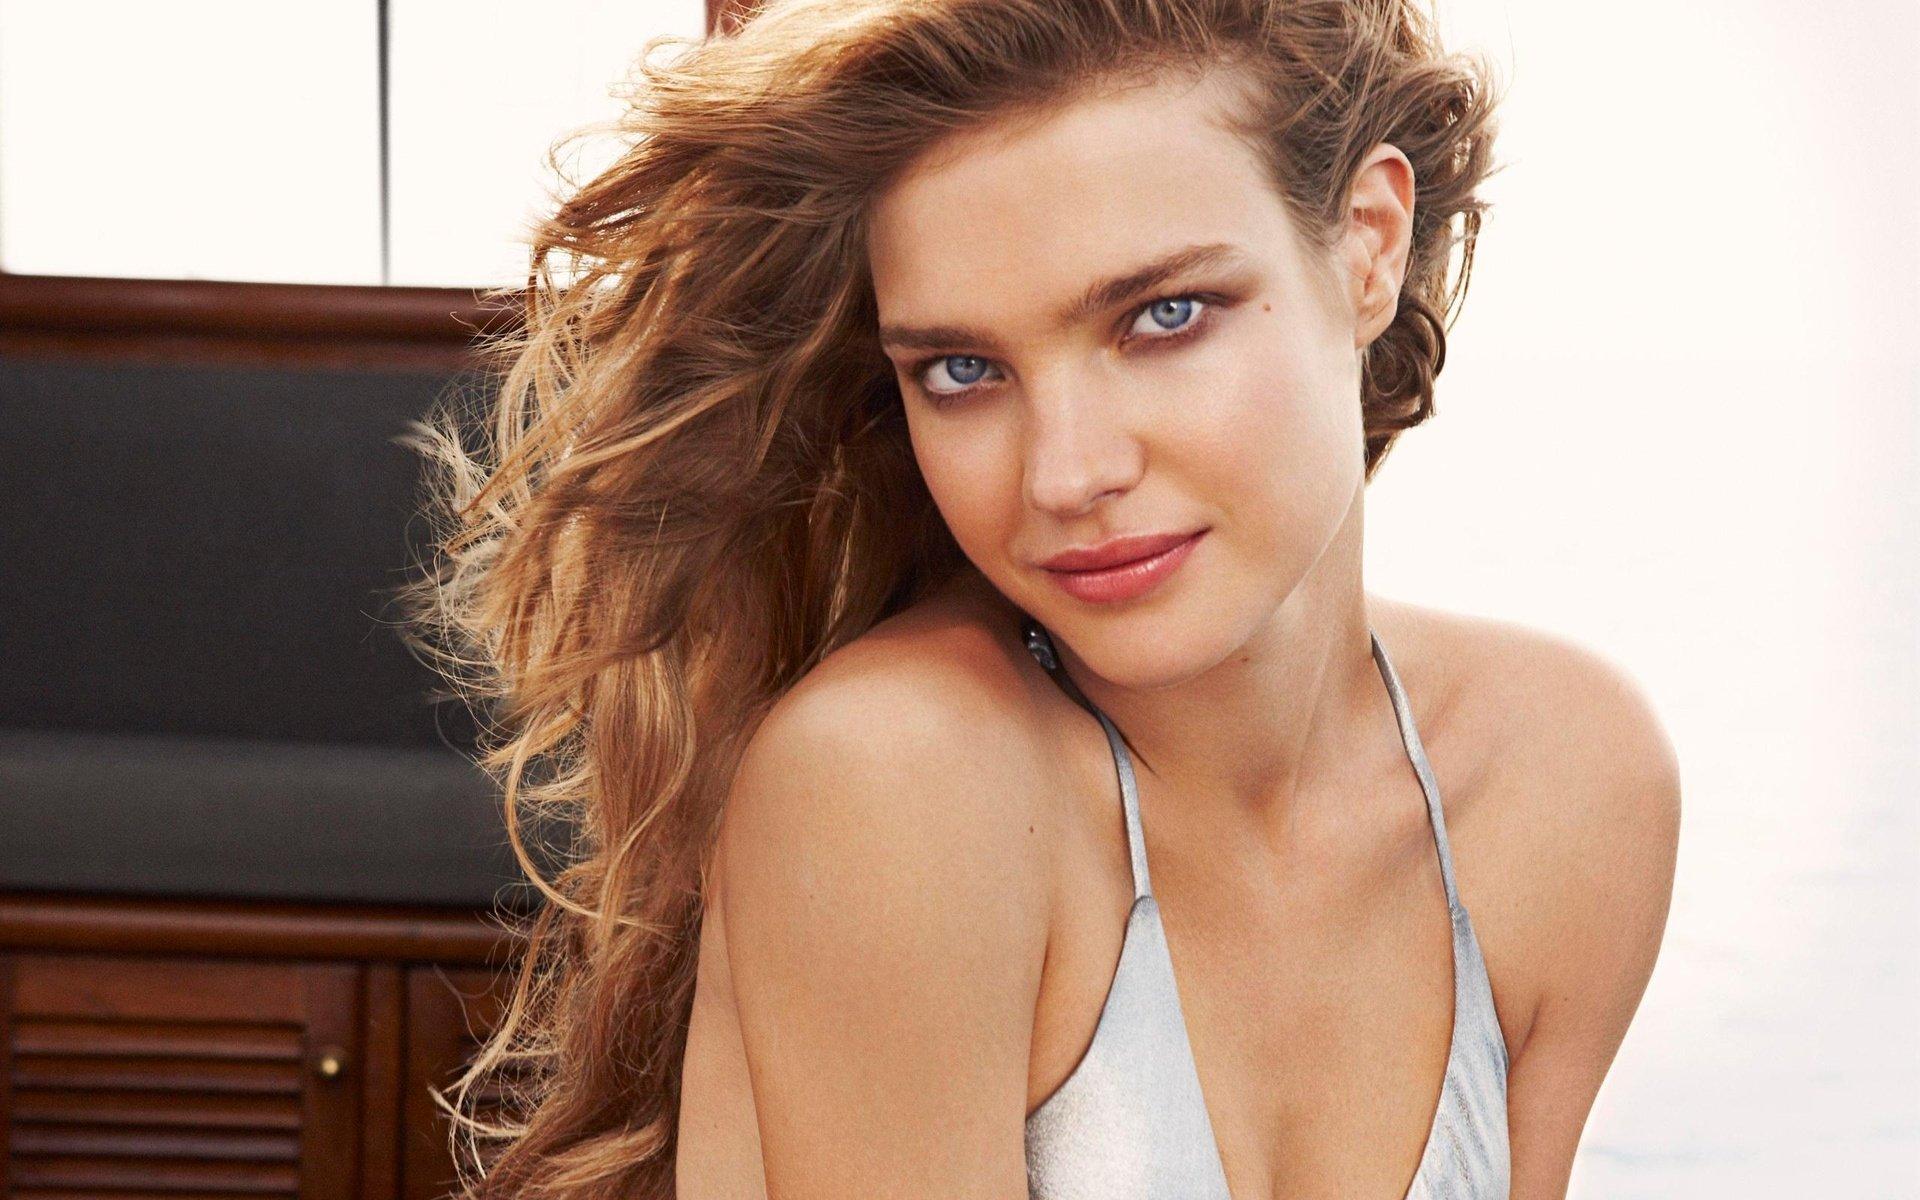 Топ 100 самых сексуальных девушек мира за 2012